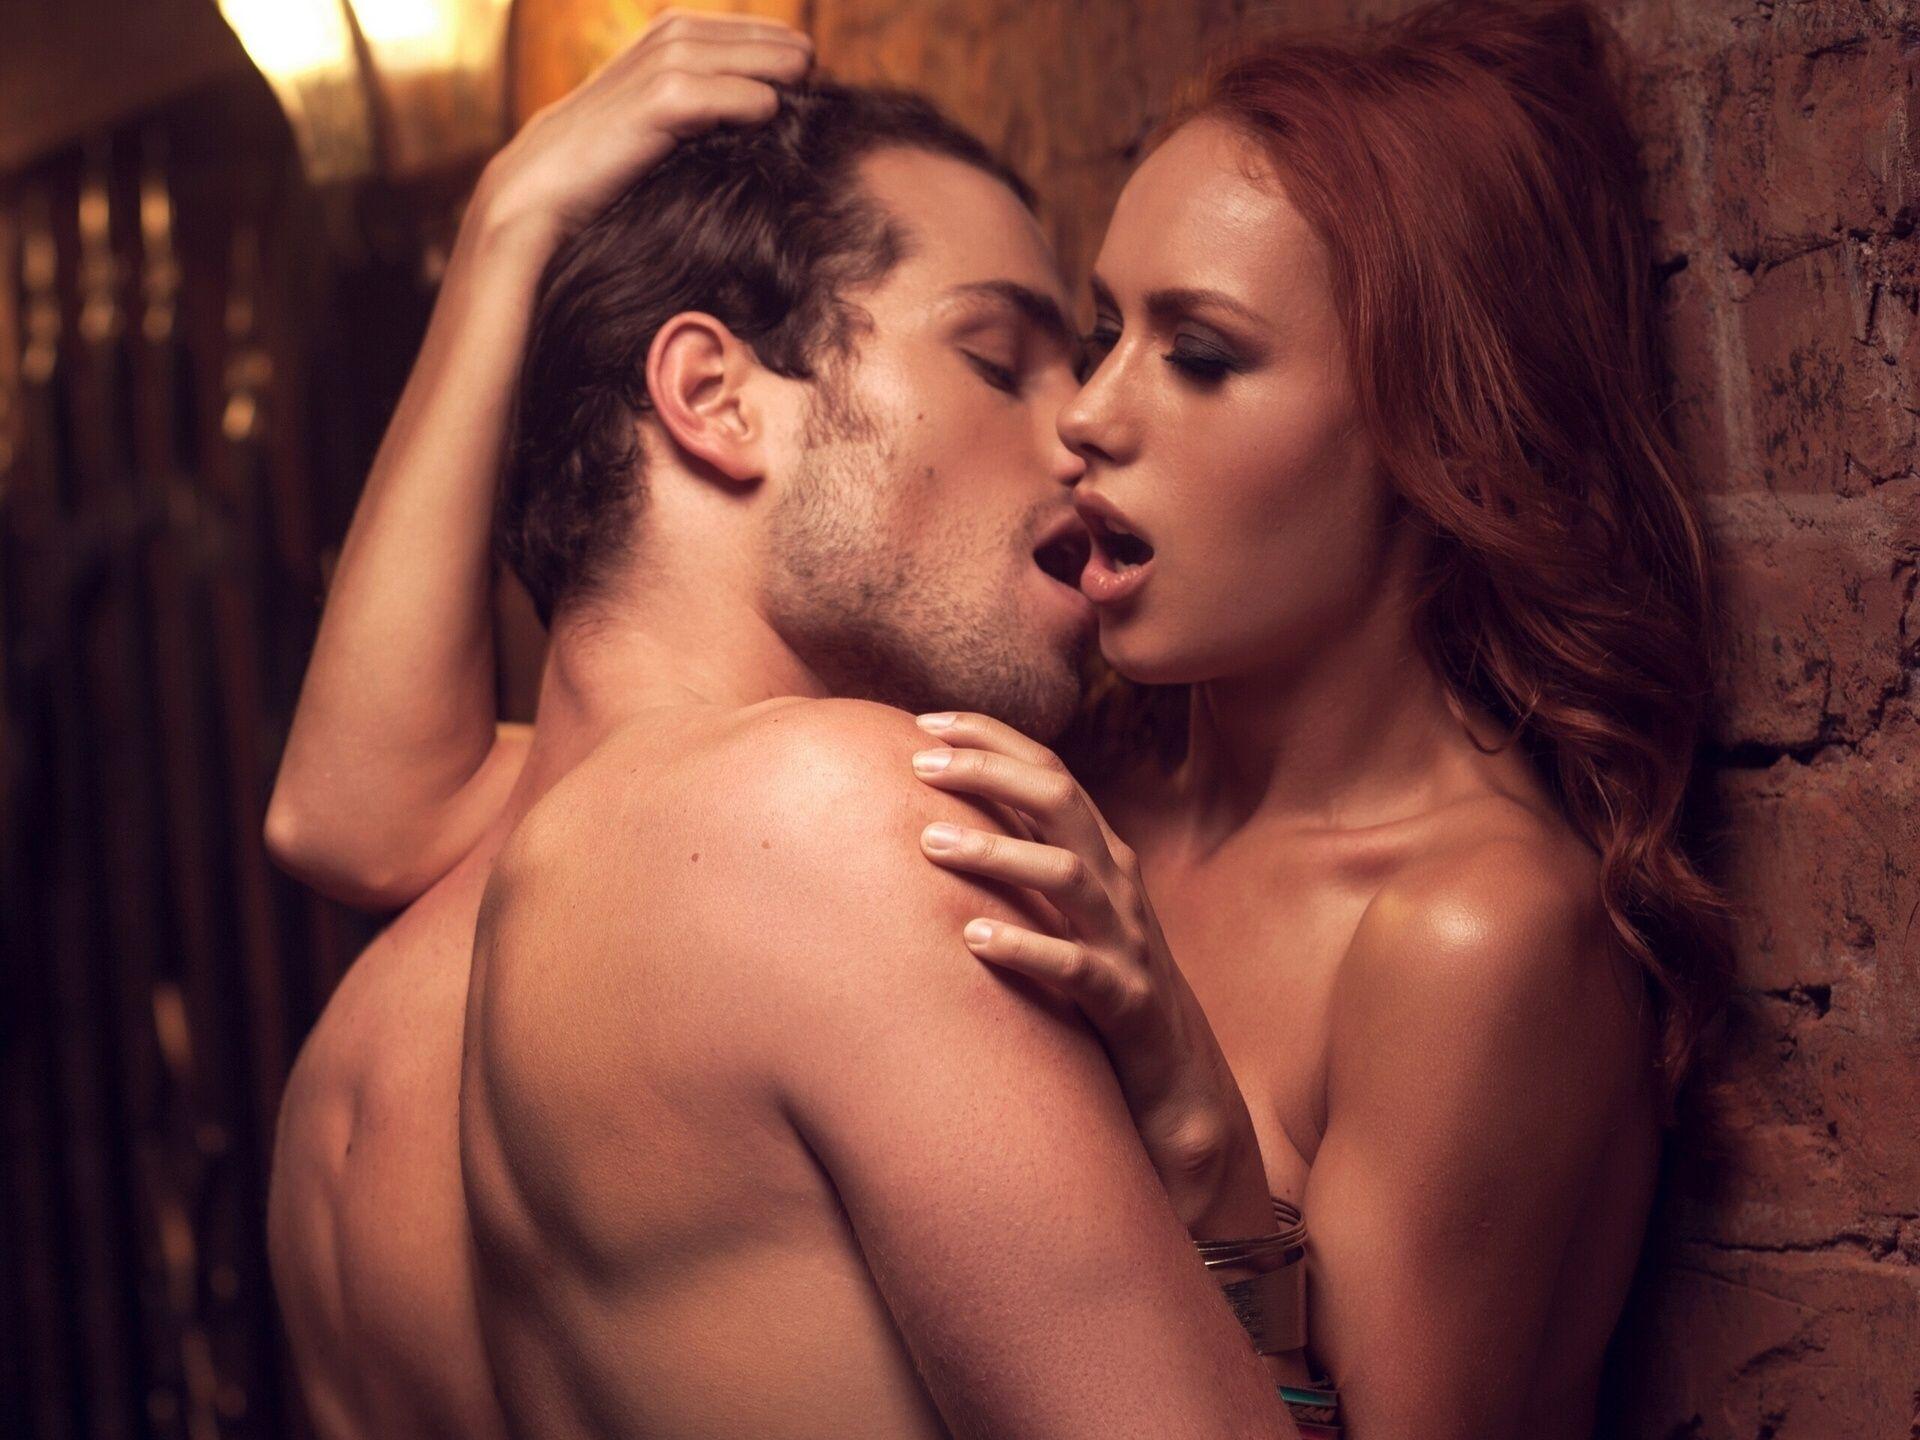 Мужчина и женщина страсть любовь и секс